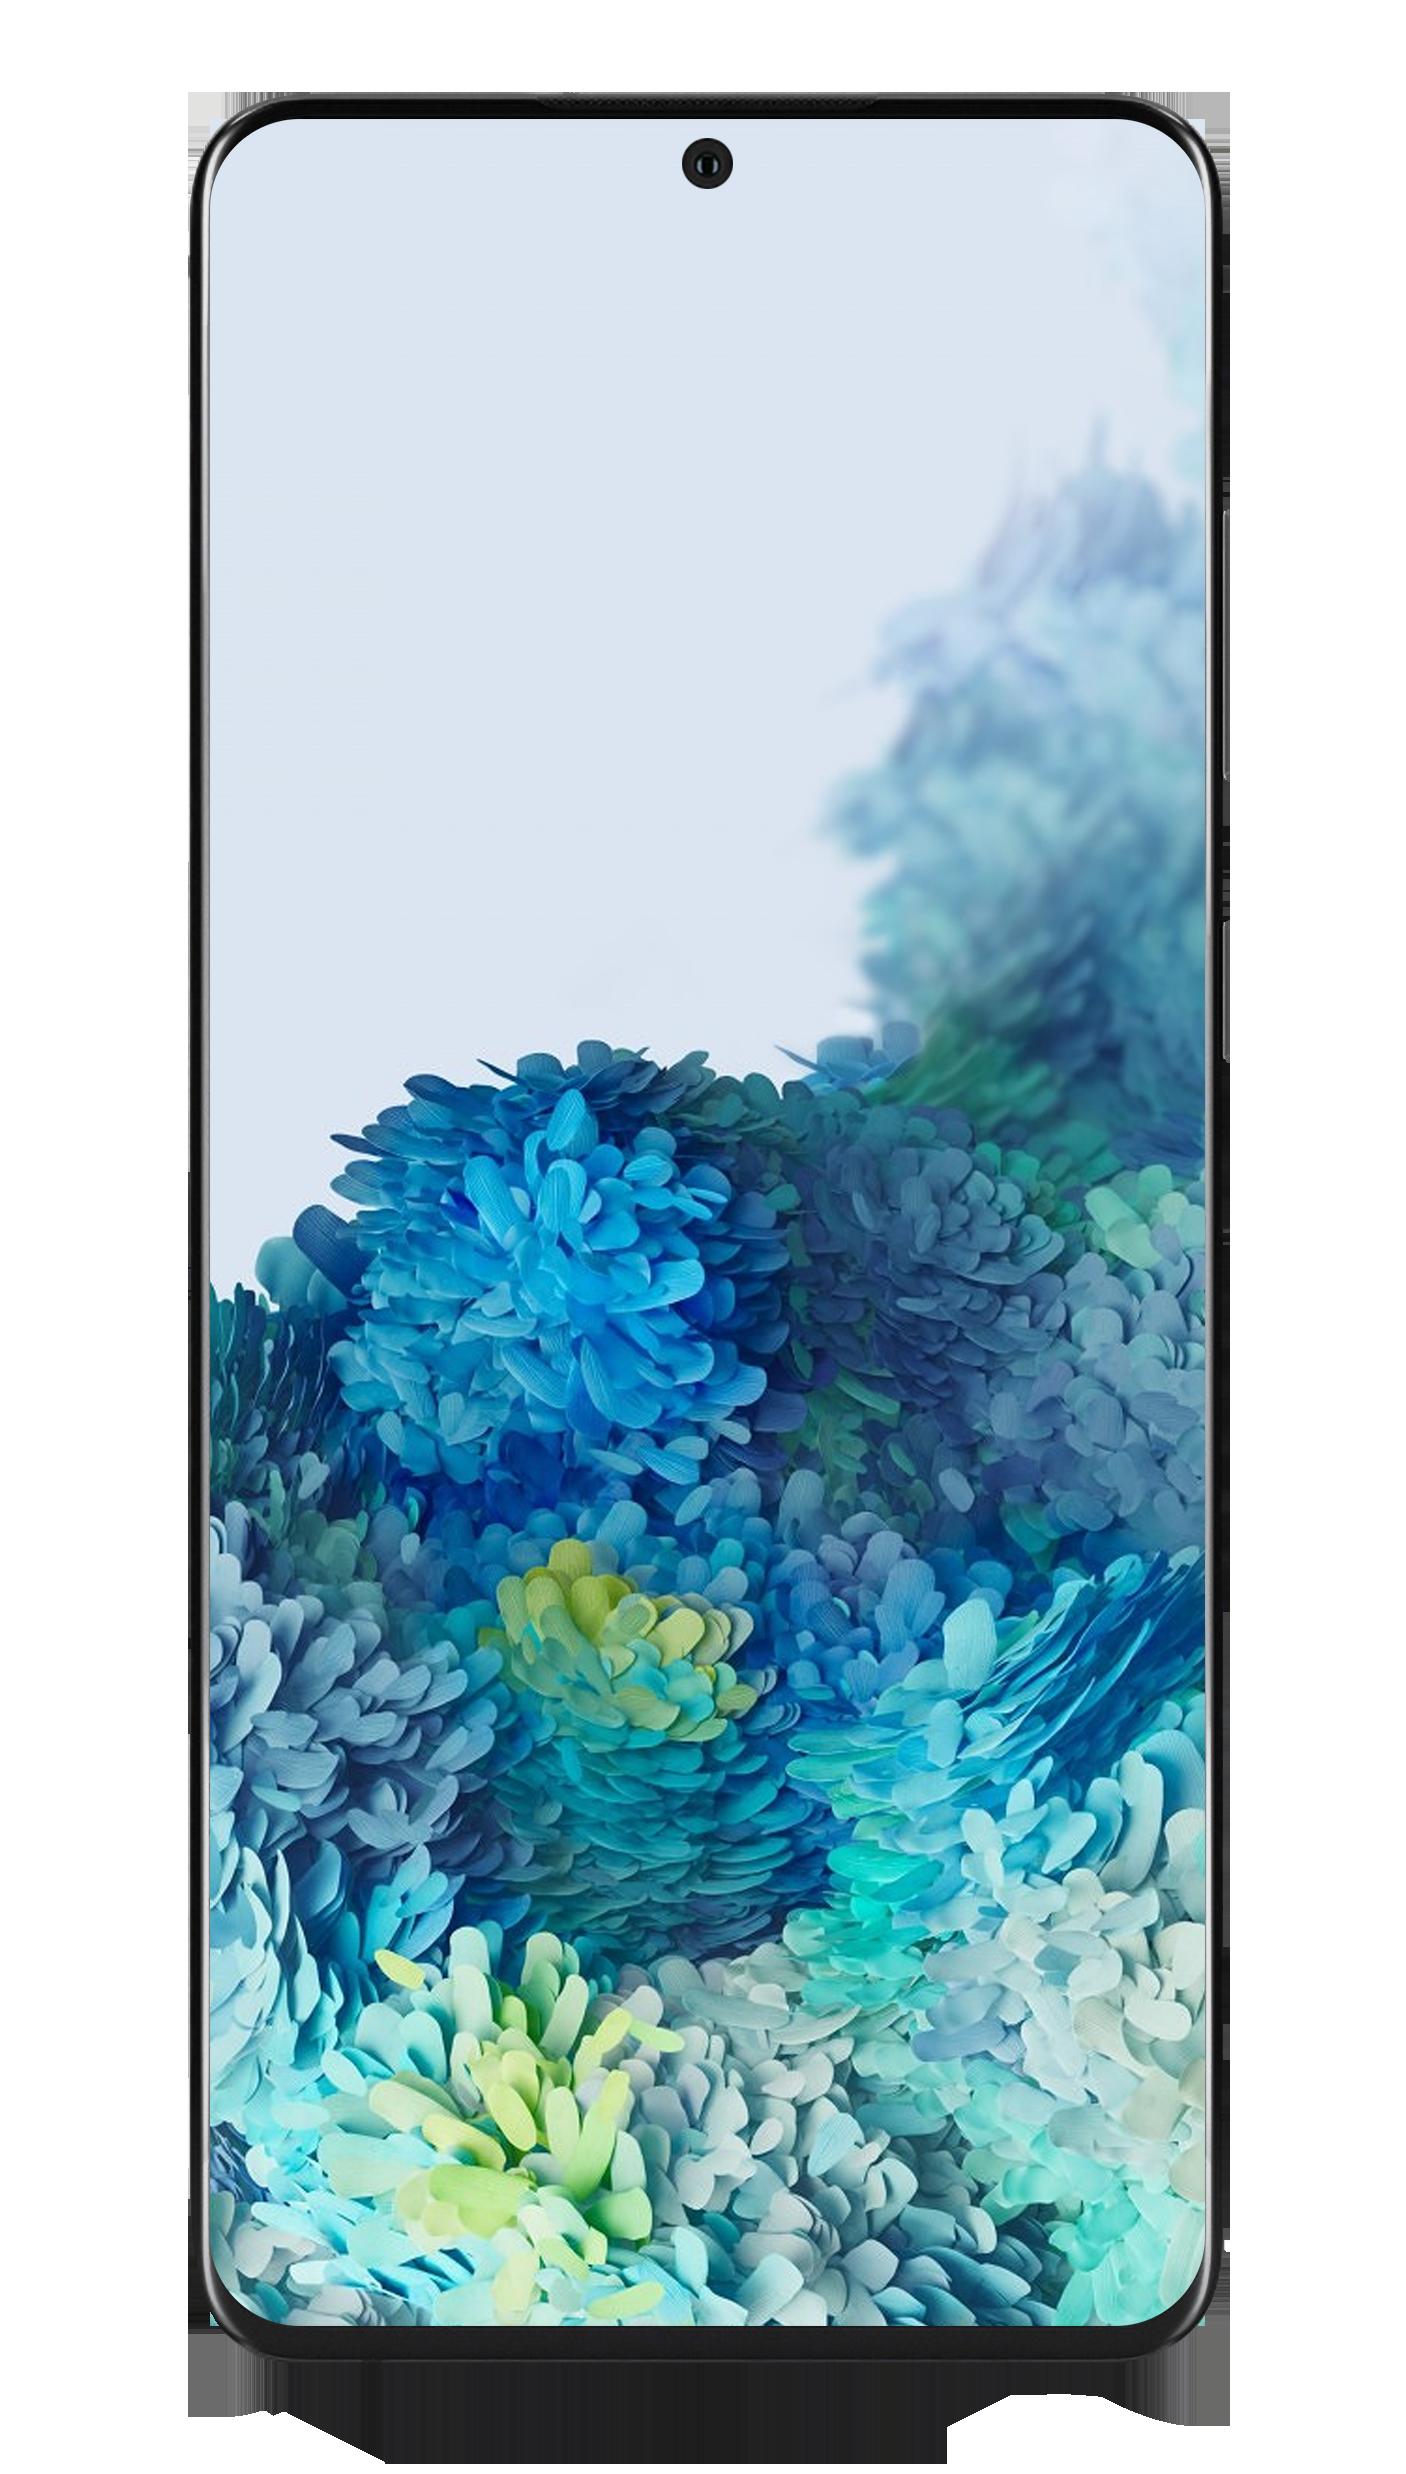 Troca de Vidro Samsung S20 Para que a troca de vidro possa ser realizada, é importante que a tela do cliente esteja totalmente operacional, acendendo, com touch respondendo e sem manchas. Exceções: Pequenas manchas que não interferem na utilização permitem que o processo seja realizado.